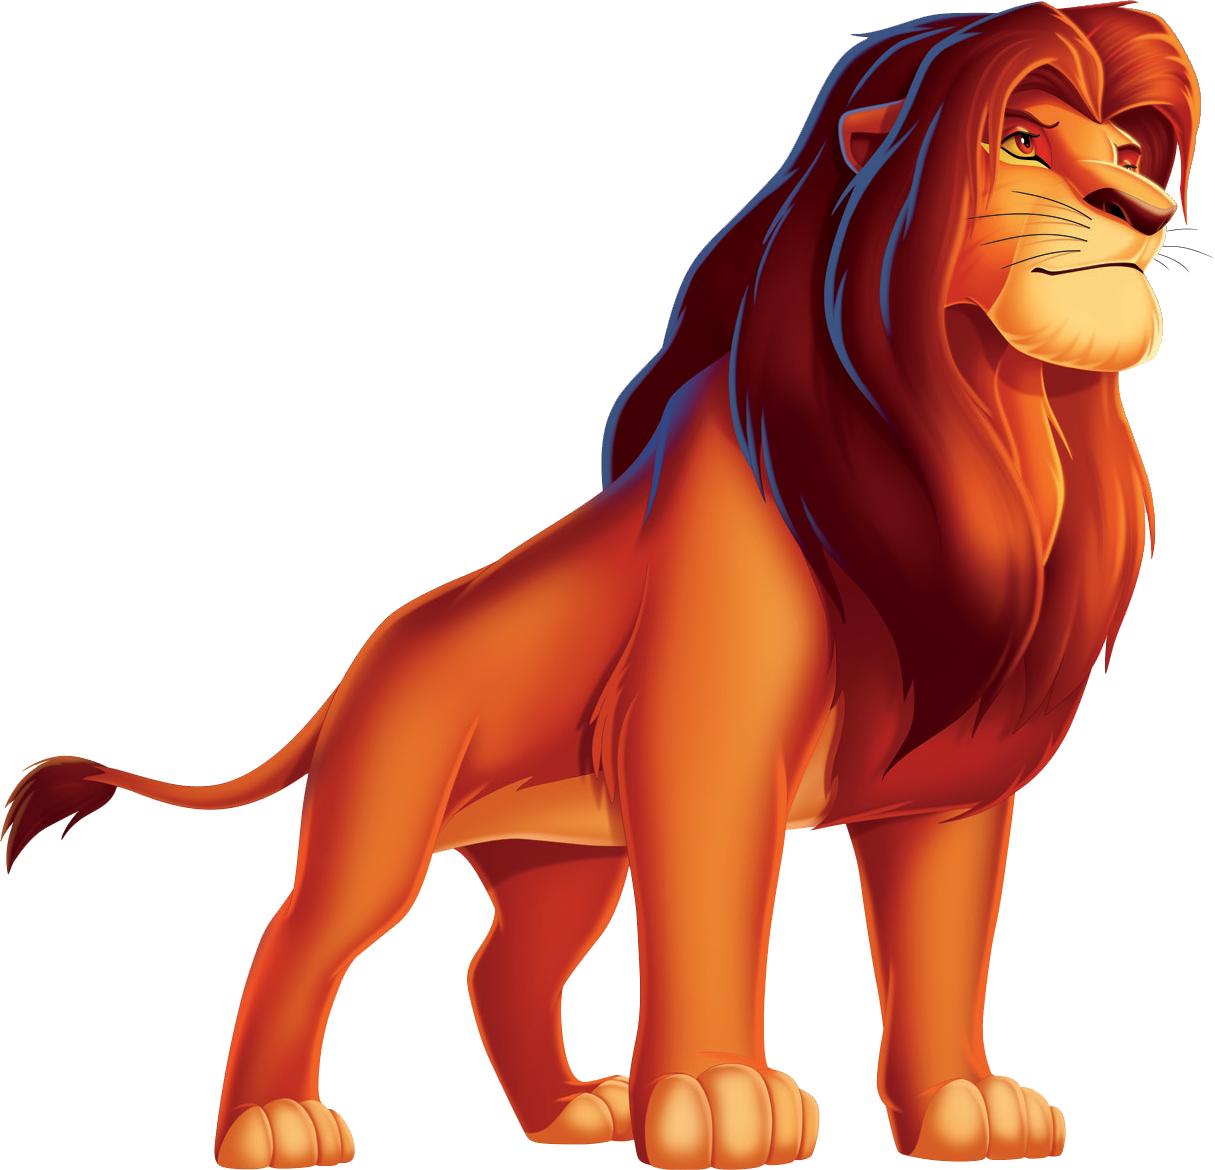 Lion King Png Image Lion King King Cartoon Lion King Simba